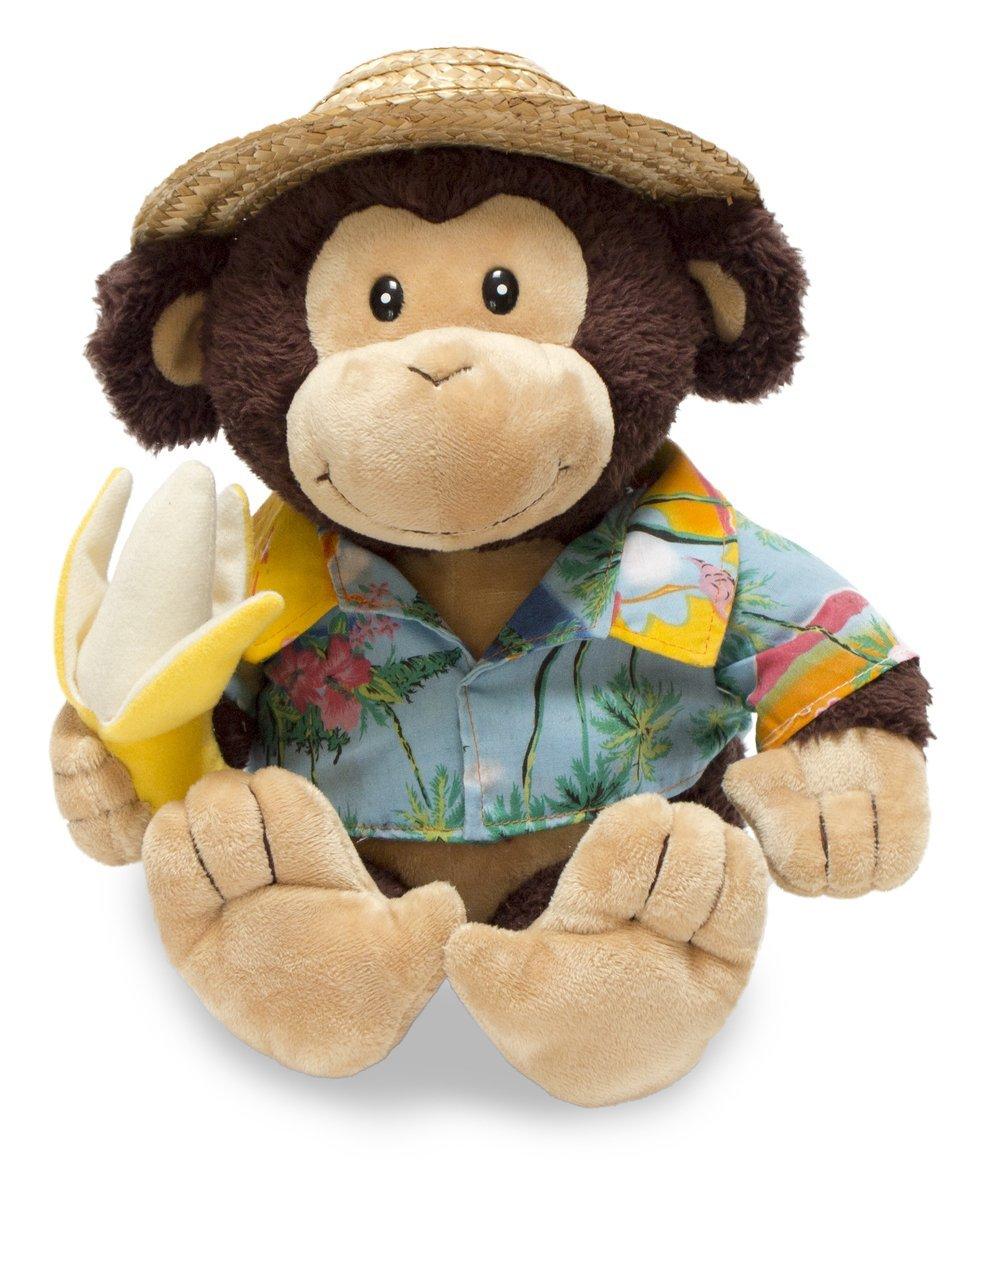 Cuddle Barn Animated Plush Toy Monkey Banana Boat Bruno Sings Day O